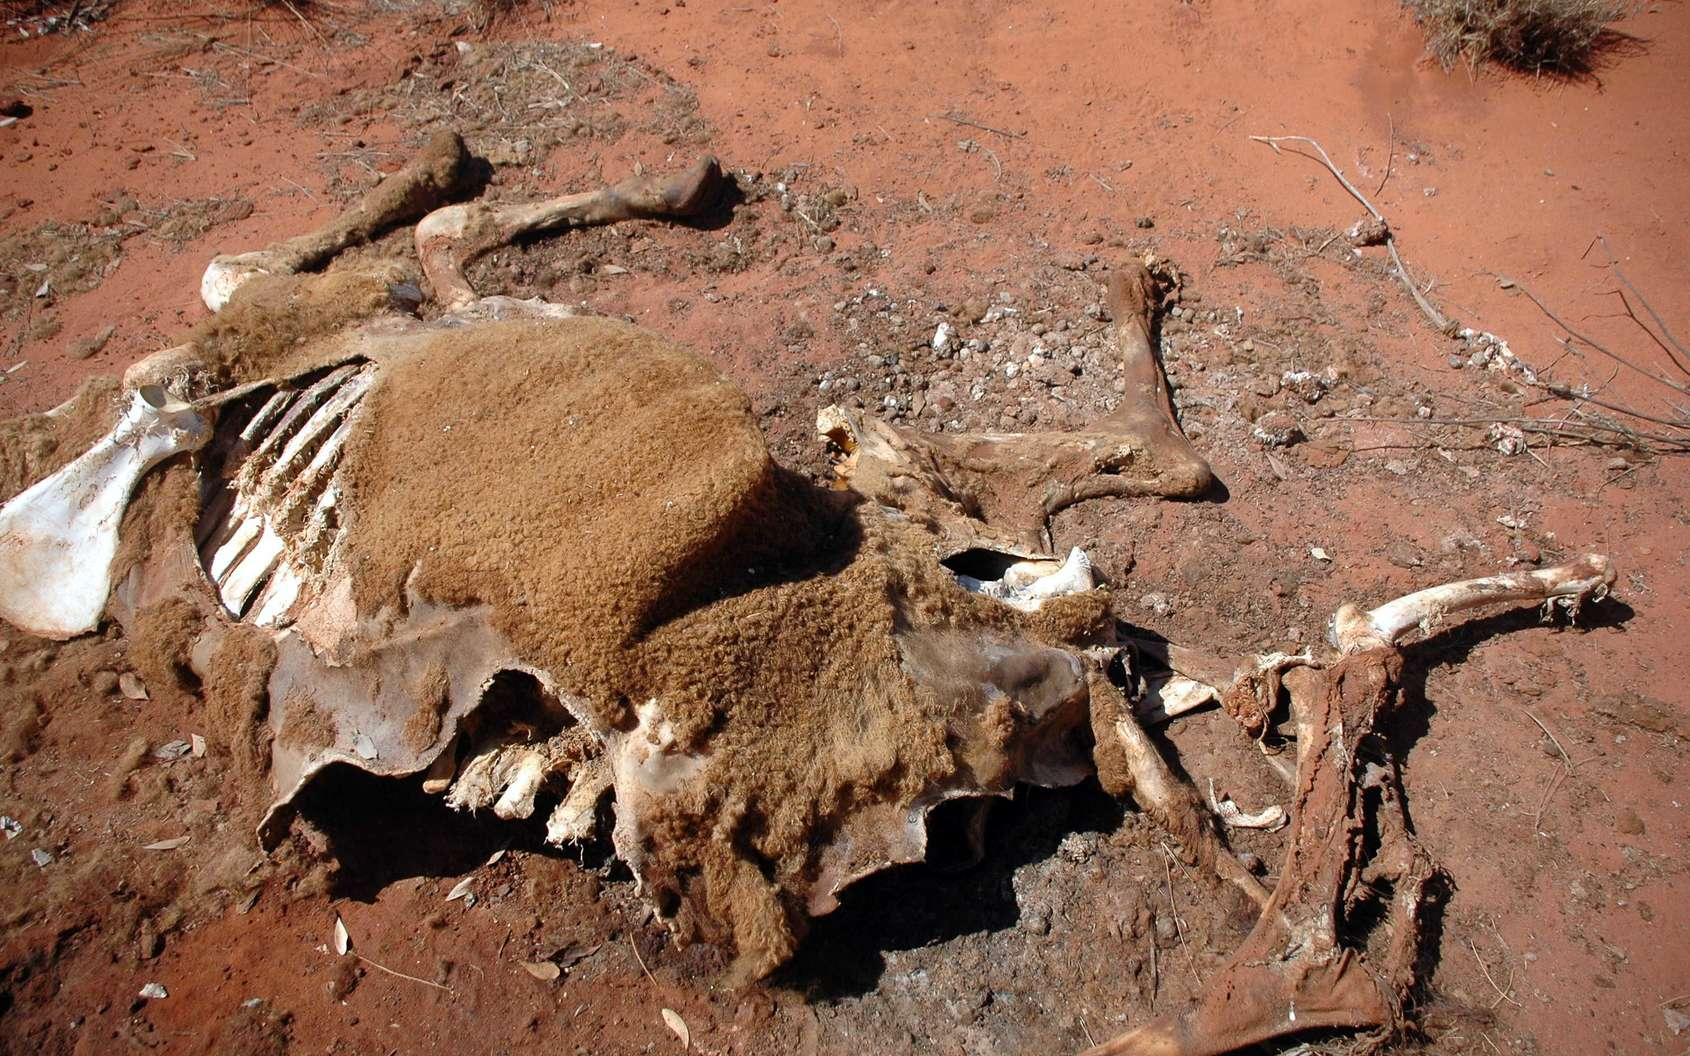 En Australie, les animaux sauvages et le bétail meurent de soif en raison de la sécheresse. © Ivo Goetz, Fotolia